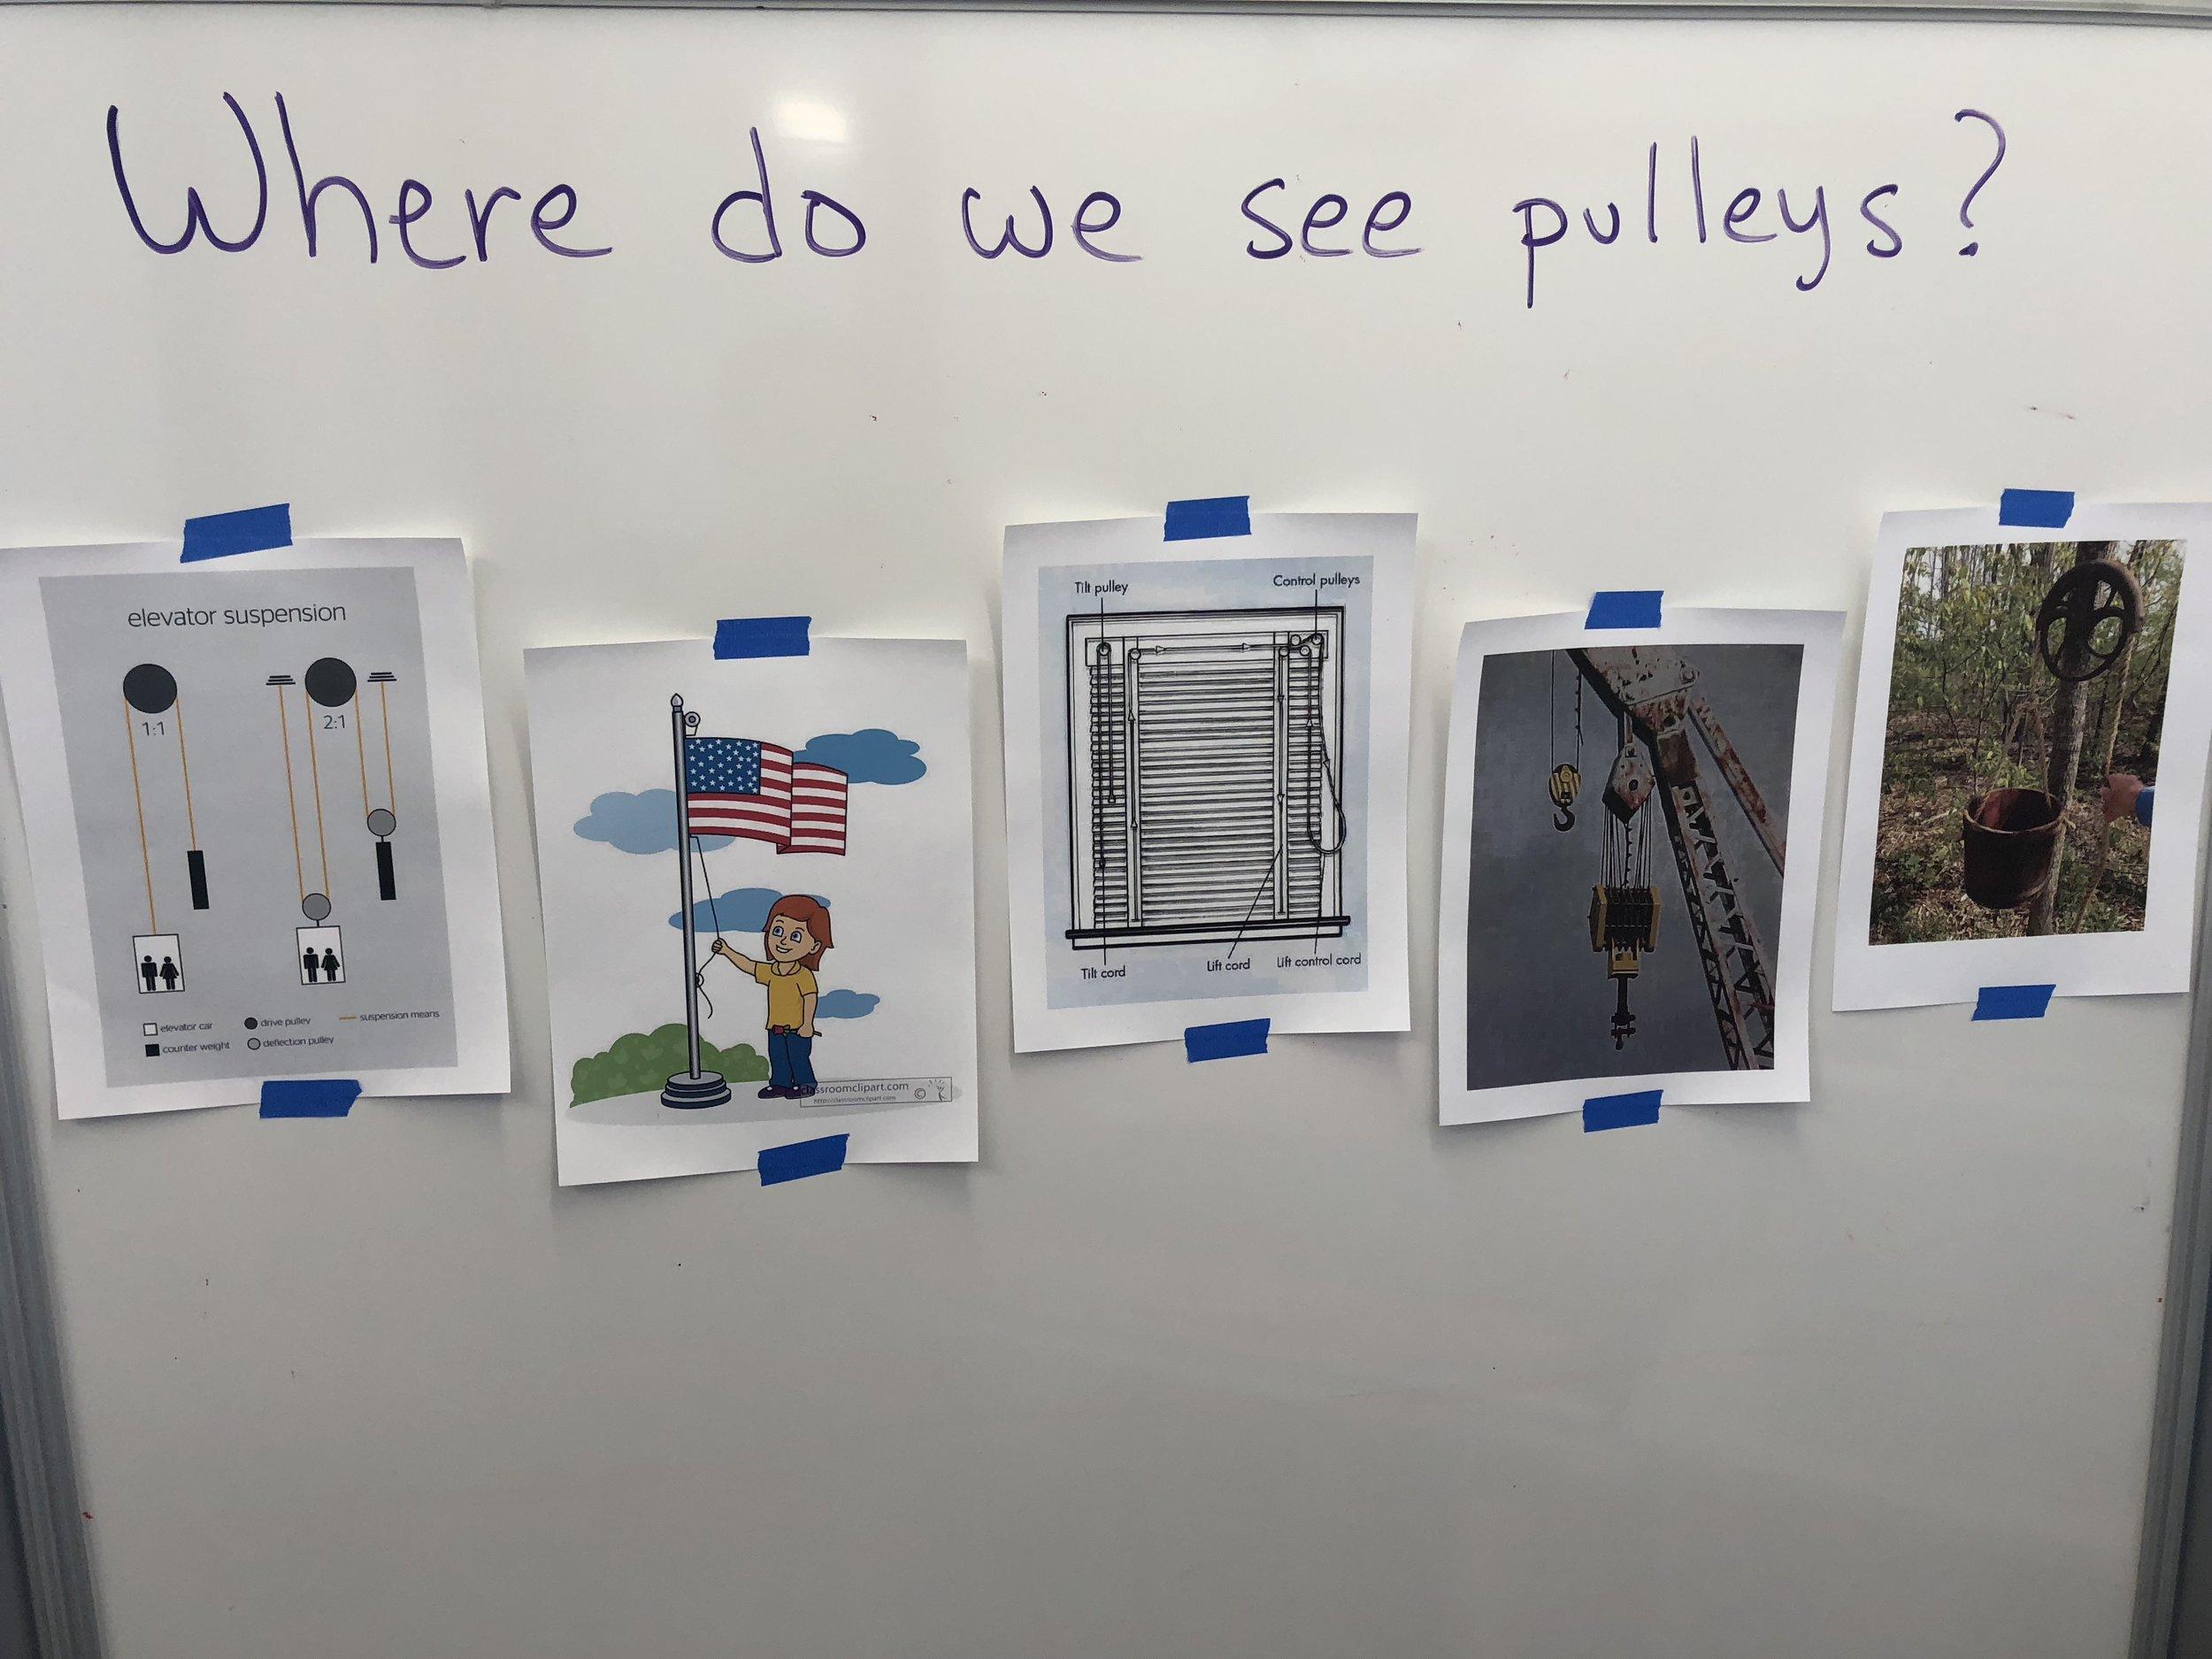 Elevators, flag poles, window blinds, cranes, wells, and more...